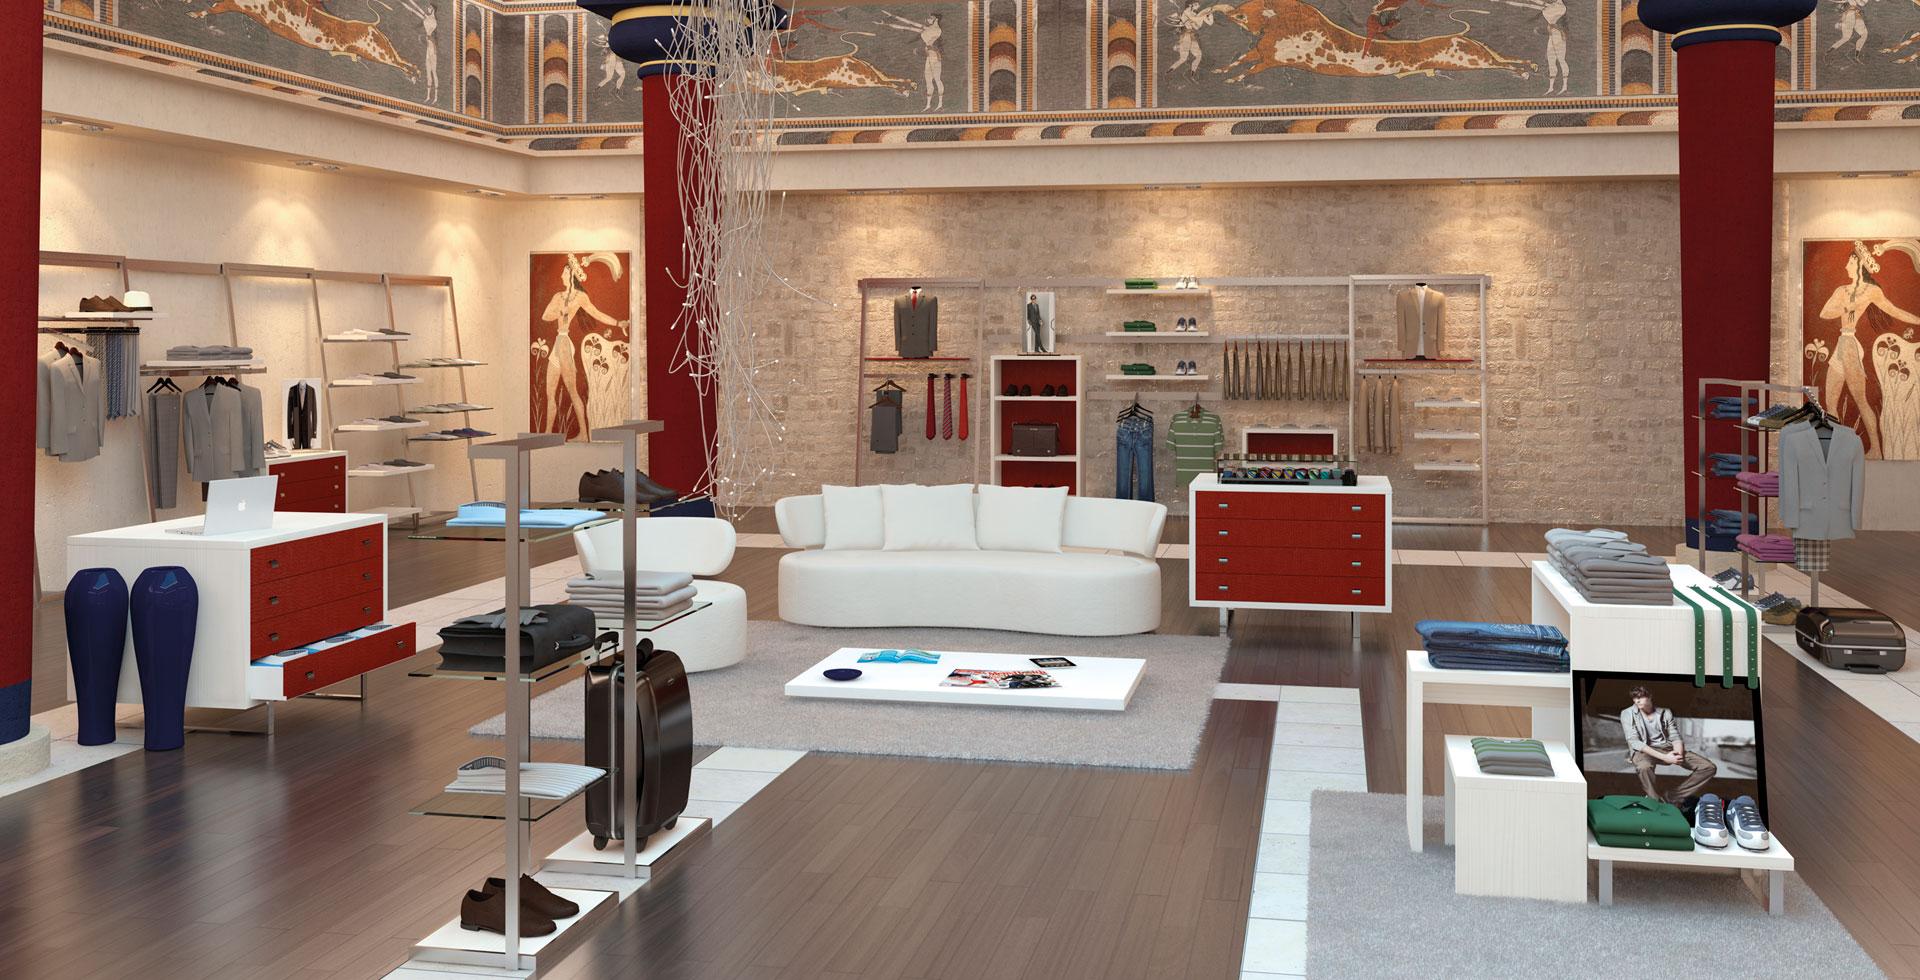 Arredamento negozi Mantova - Azzini arredamenti per negozi